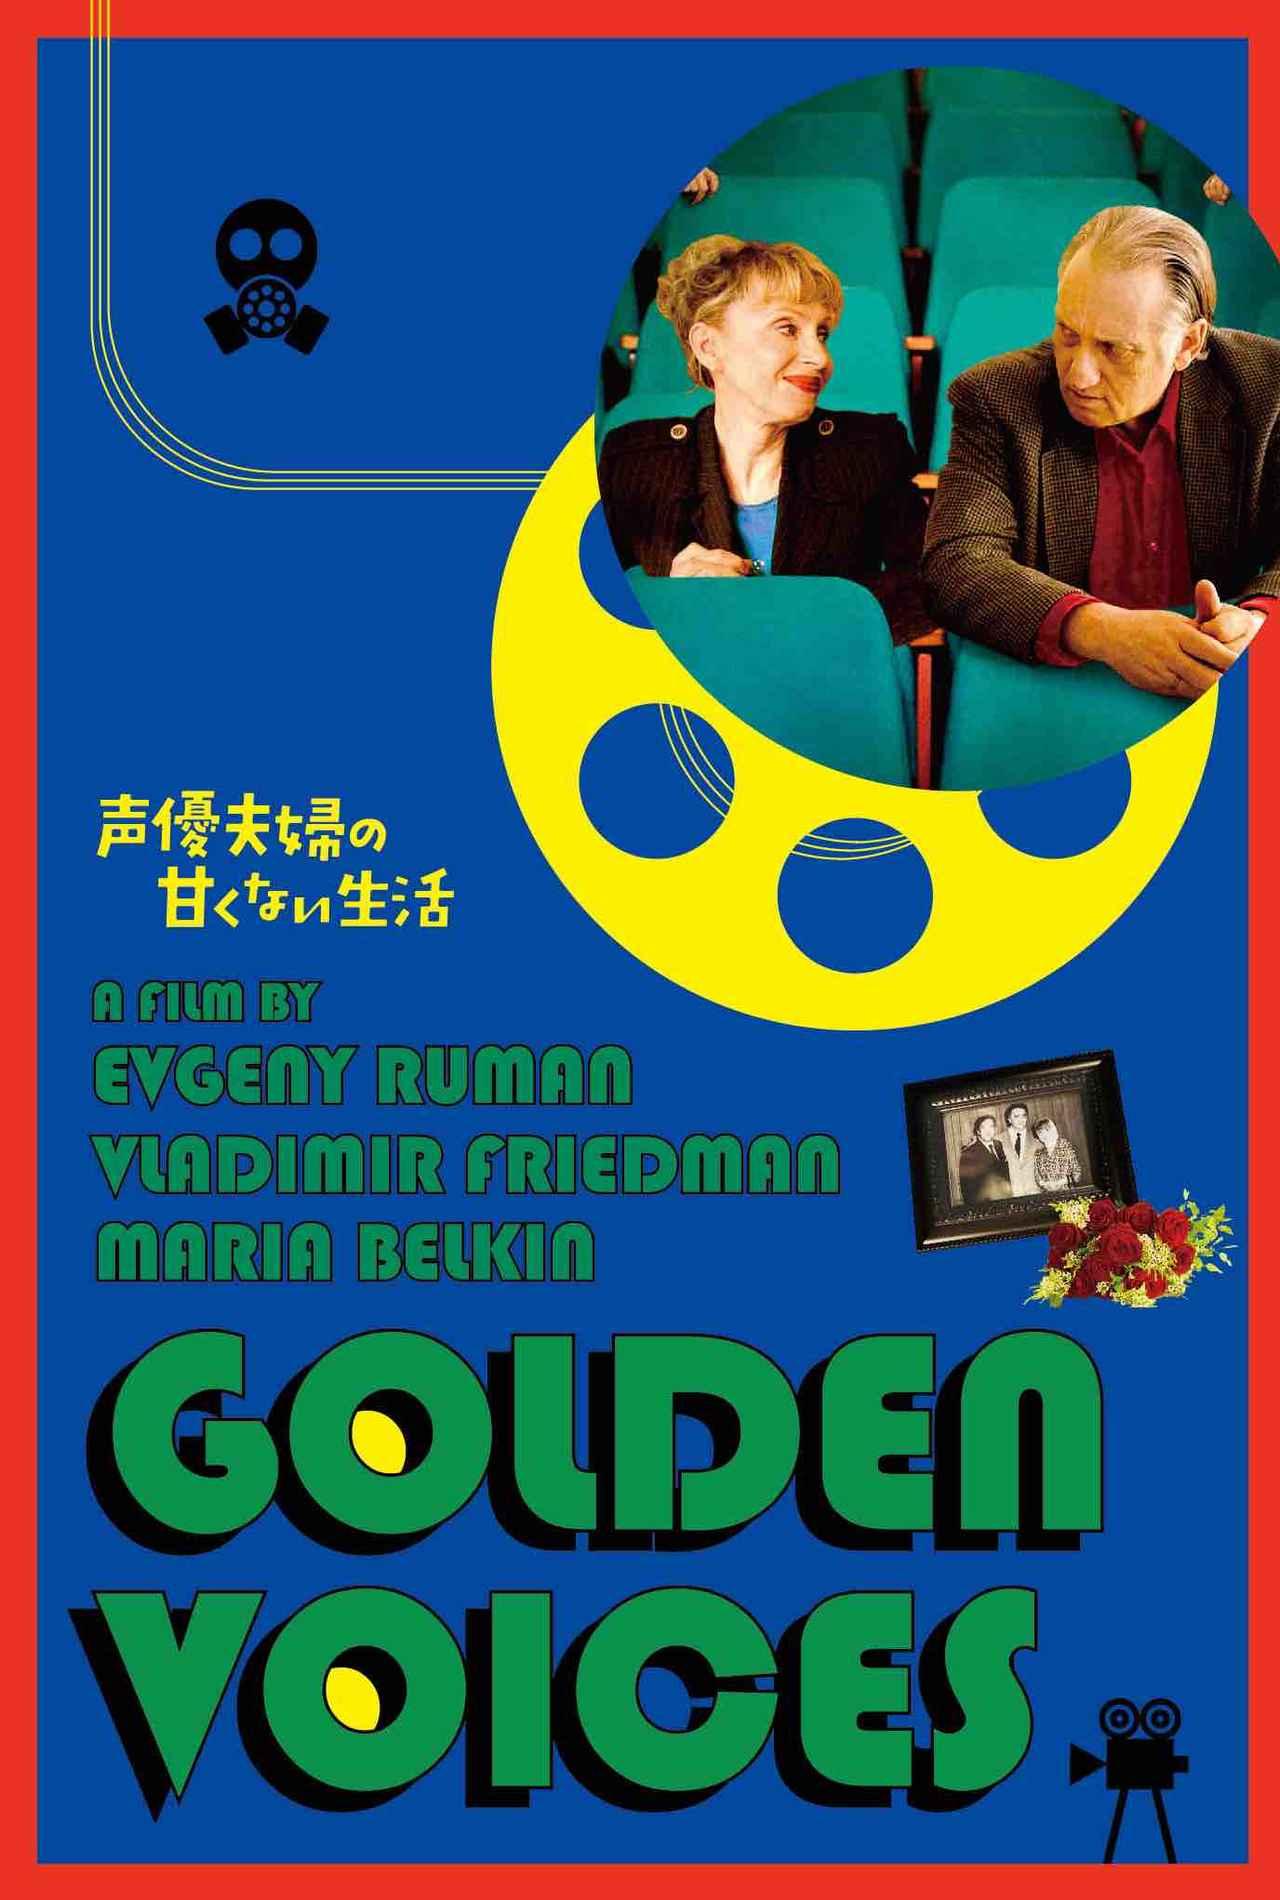 画像1: 名匠フェリーニ作品のビジュアルが 30 年の時を経て『声優夫婦の甘くない生活』版にリメイク! 映画愛溢れる『ボイス・オブ・ムーン』版ビジュアル解禁